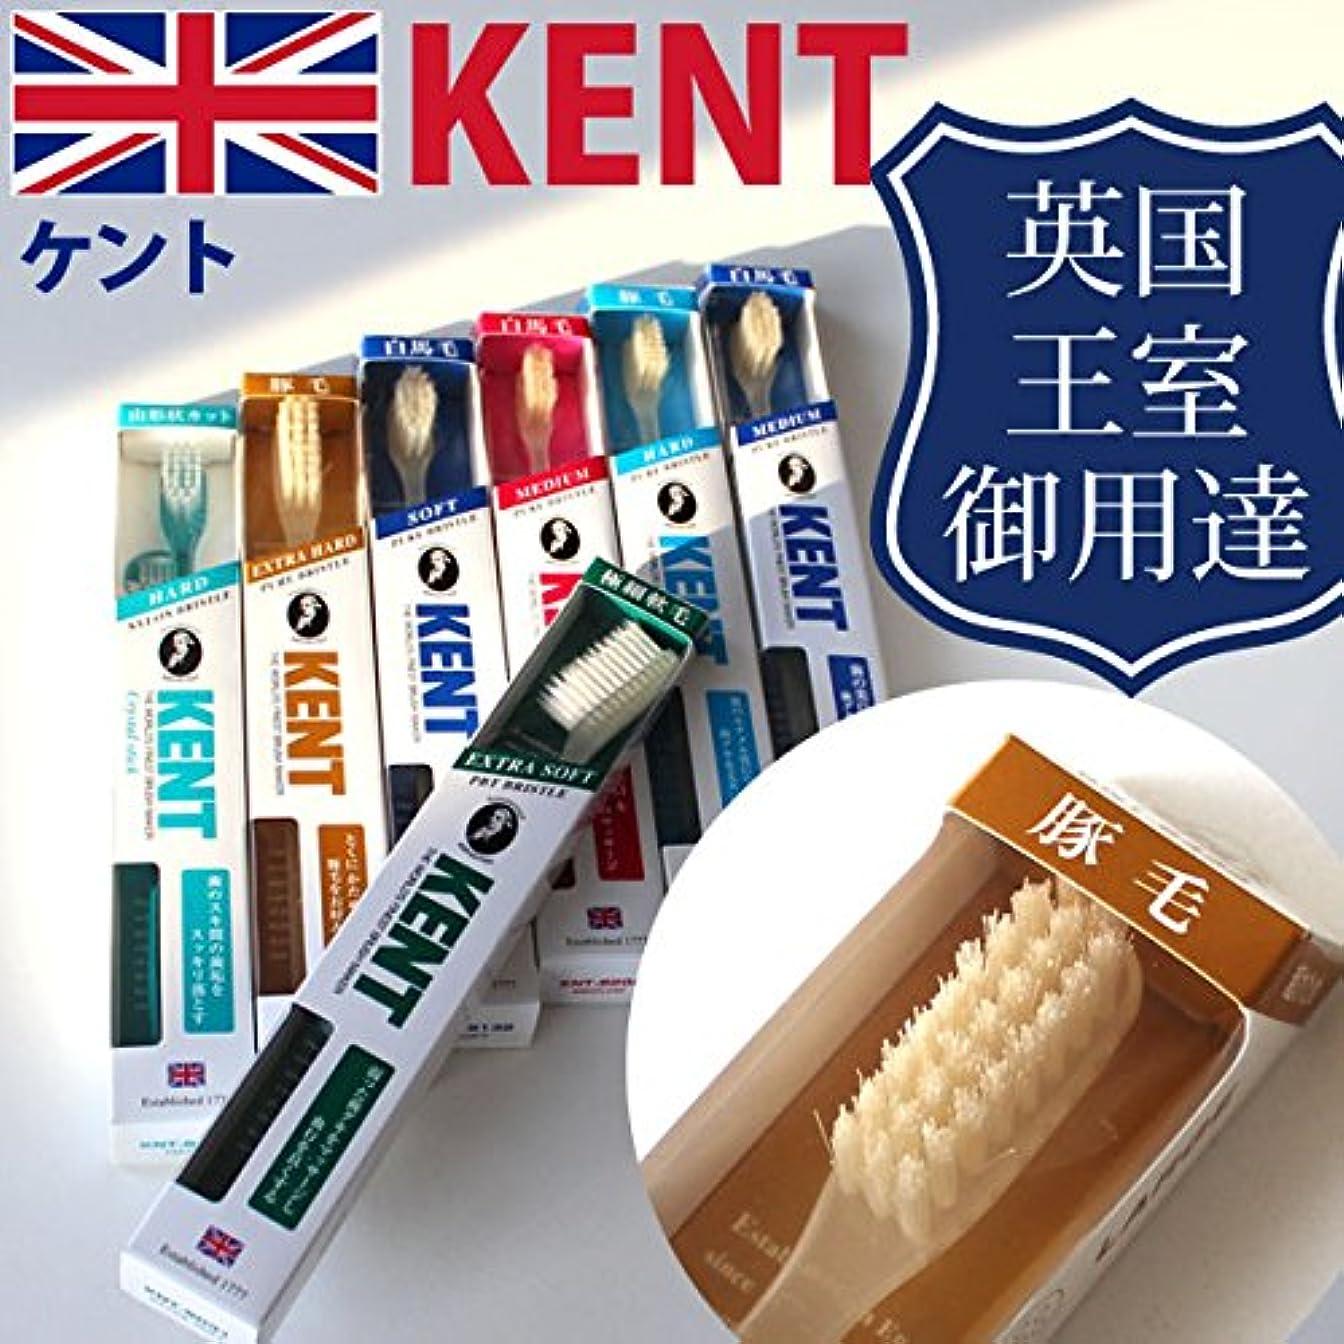 電気真似る損失ケント KENT 豚毛 ラージヘッド 歯ブラシKNT-9433 超かため 6本入り しっかり磨ける天然毛のラジヘ